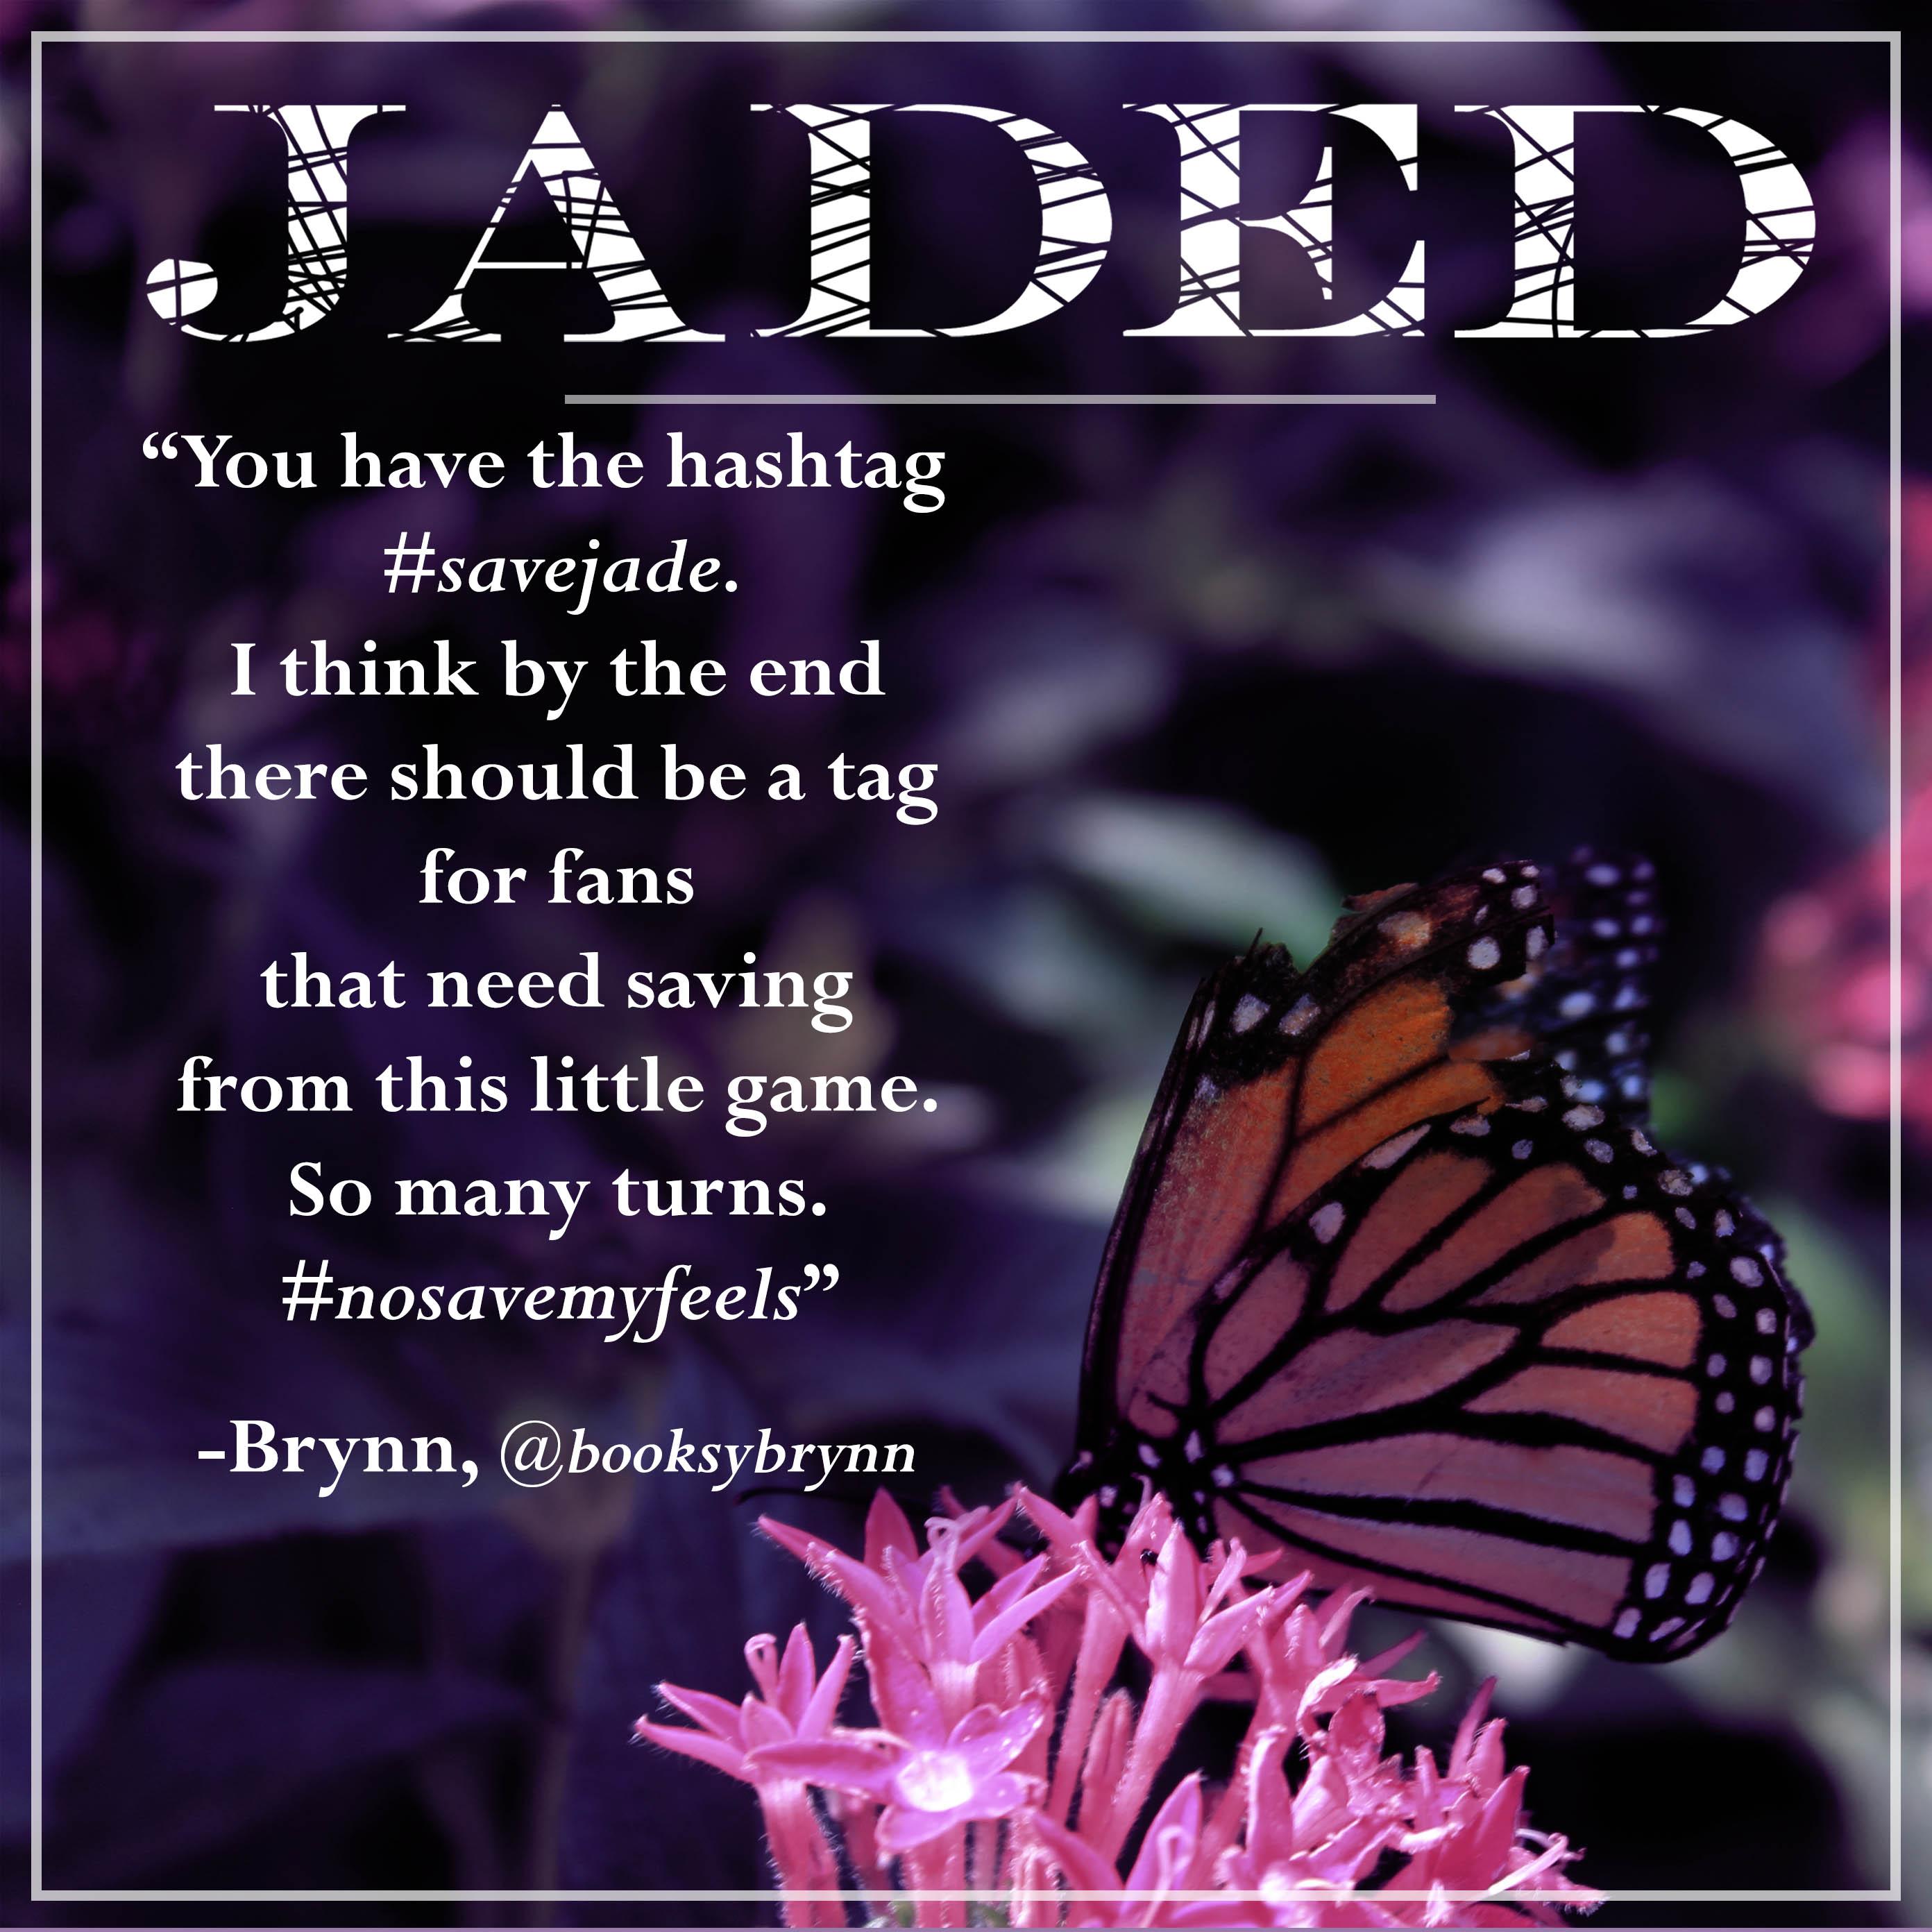 jaded fan quote-brynn hashtag